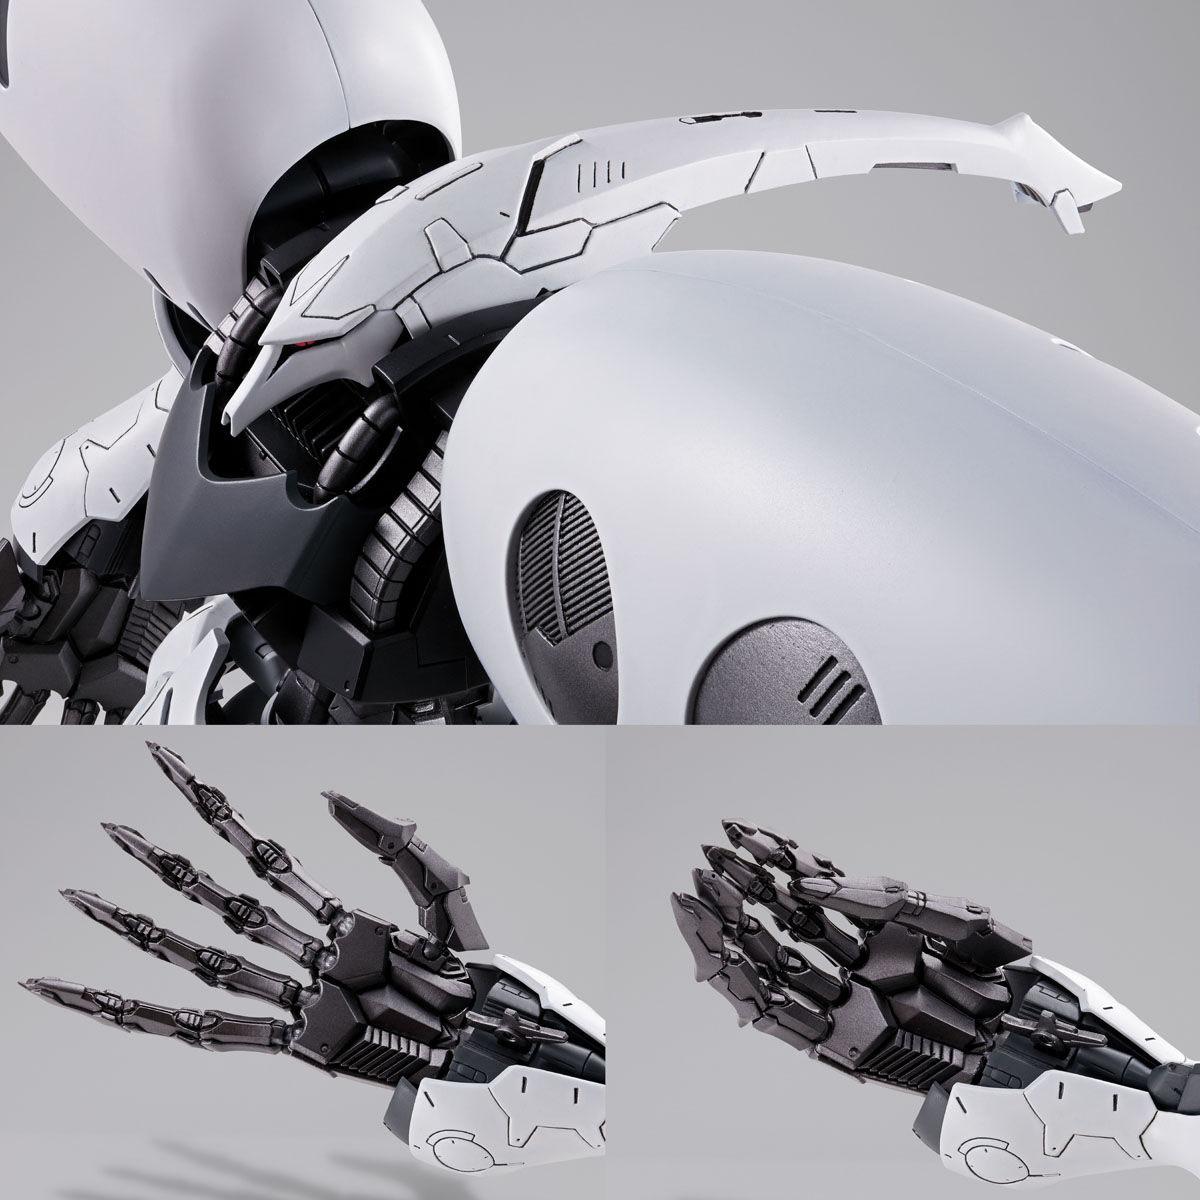 MG 1/100『キュベレイダムド』プラモデル-010